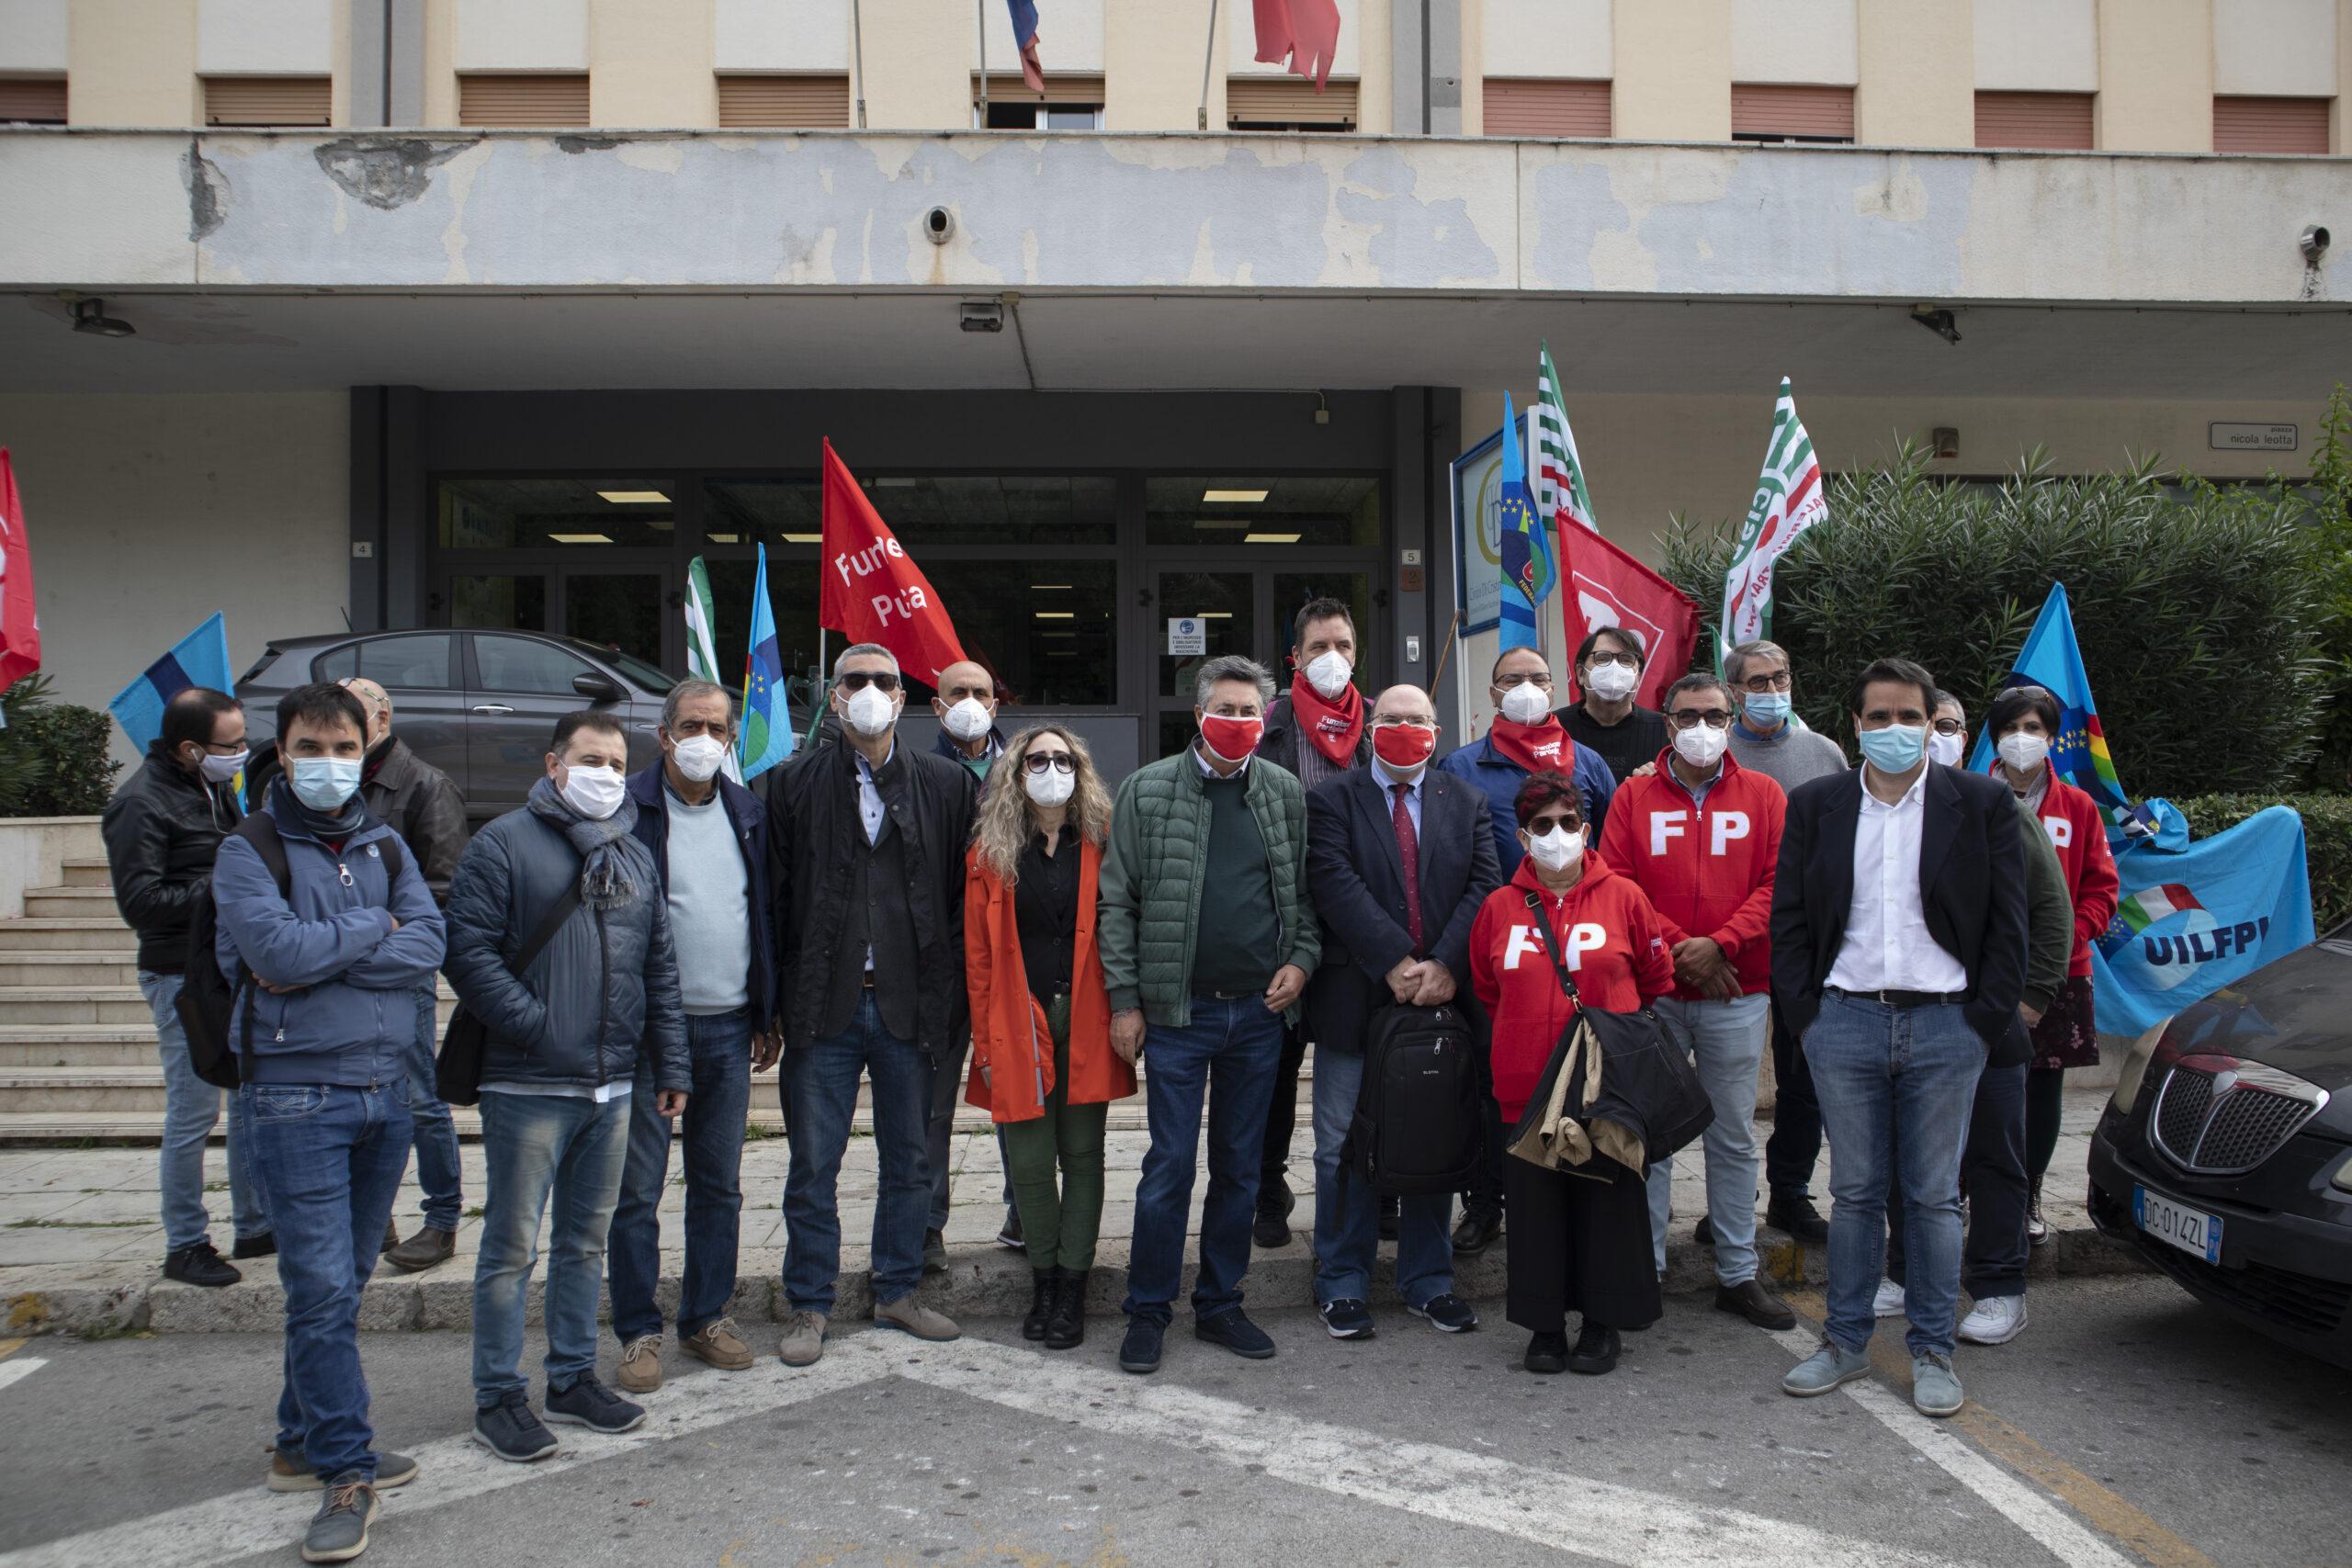 INCHIESTA SULLA SANITÀ SICILIANA DURANTE IL COVID-19 – IL TERZO EPISODIO